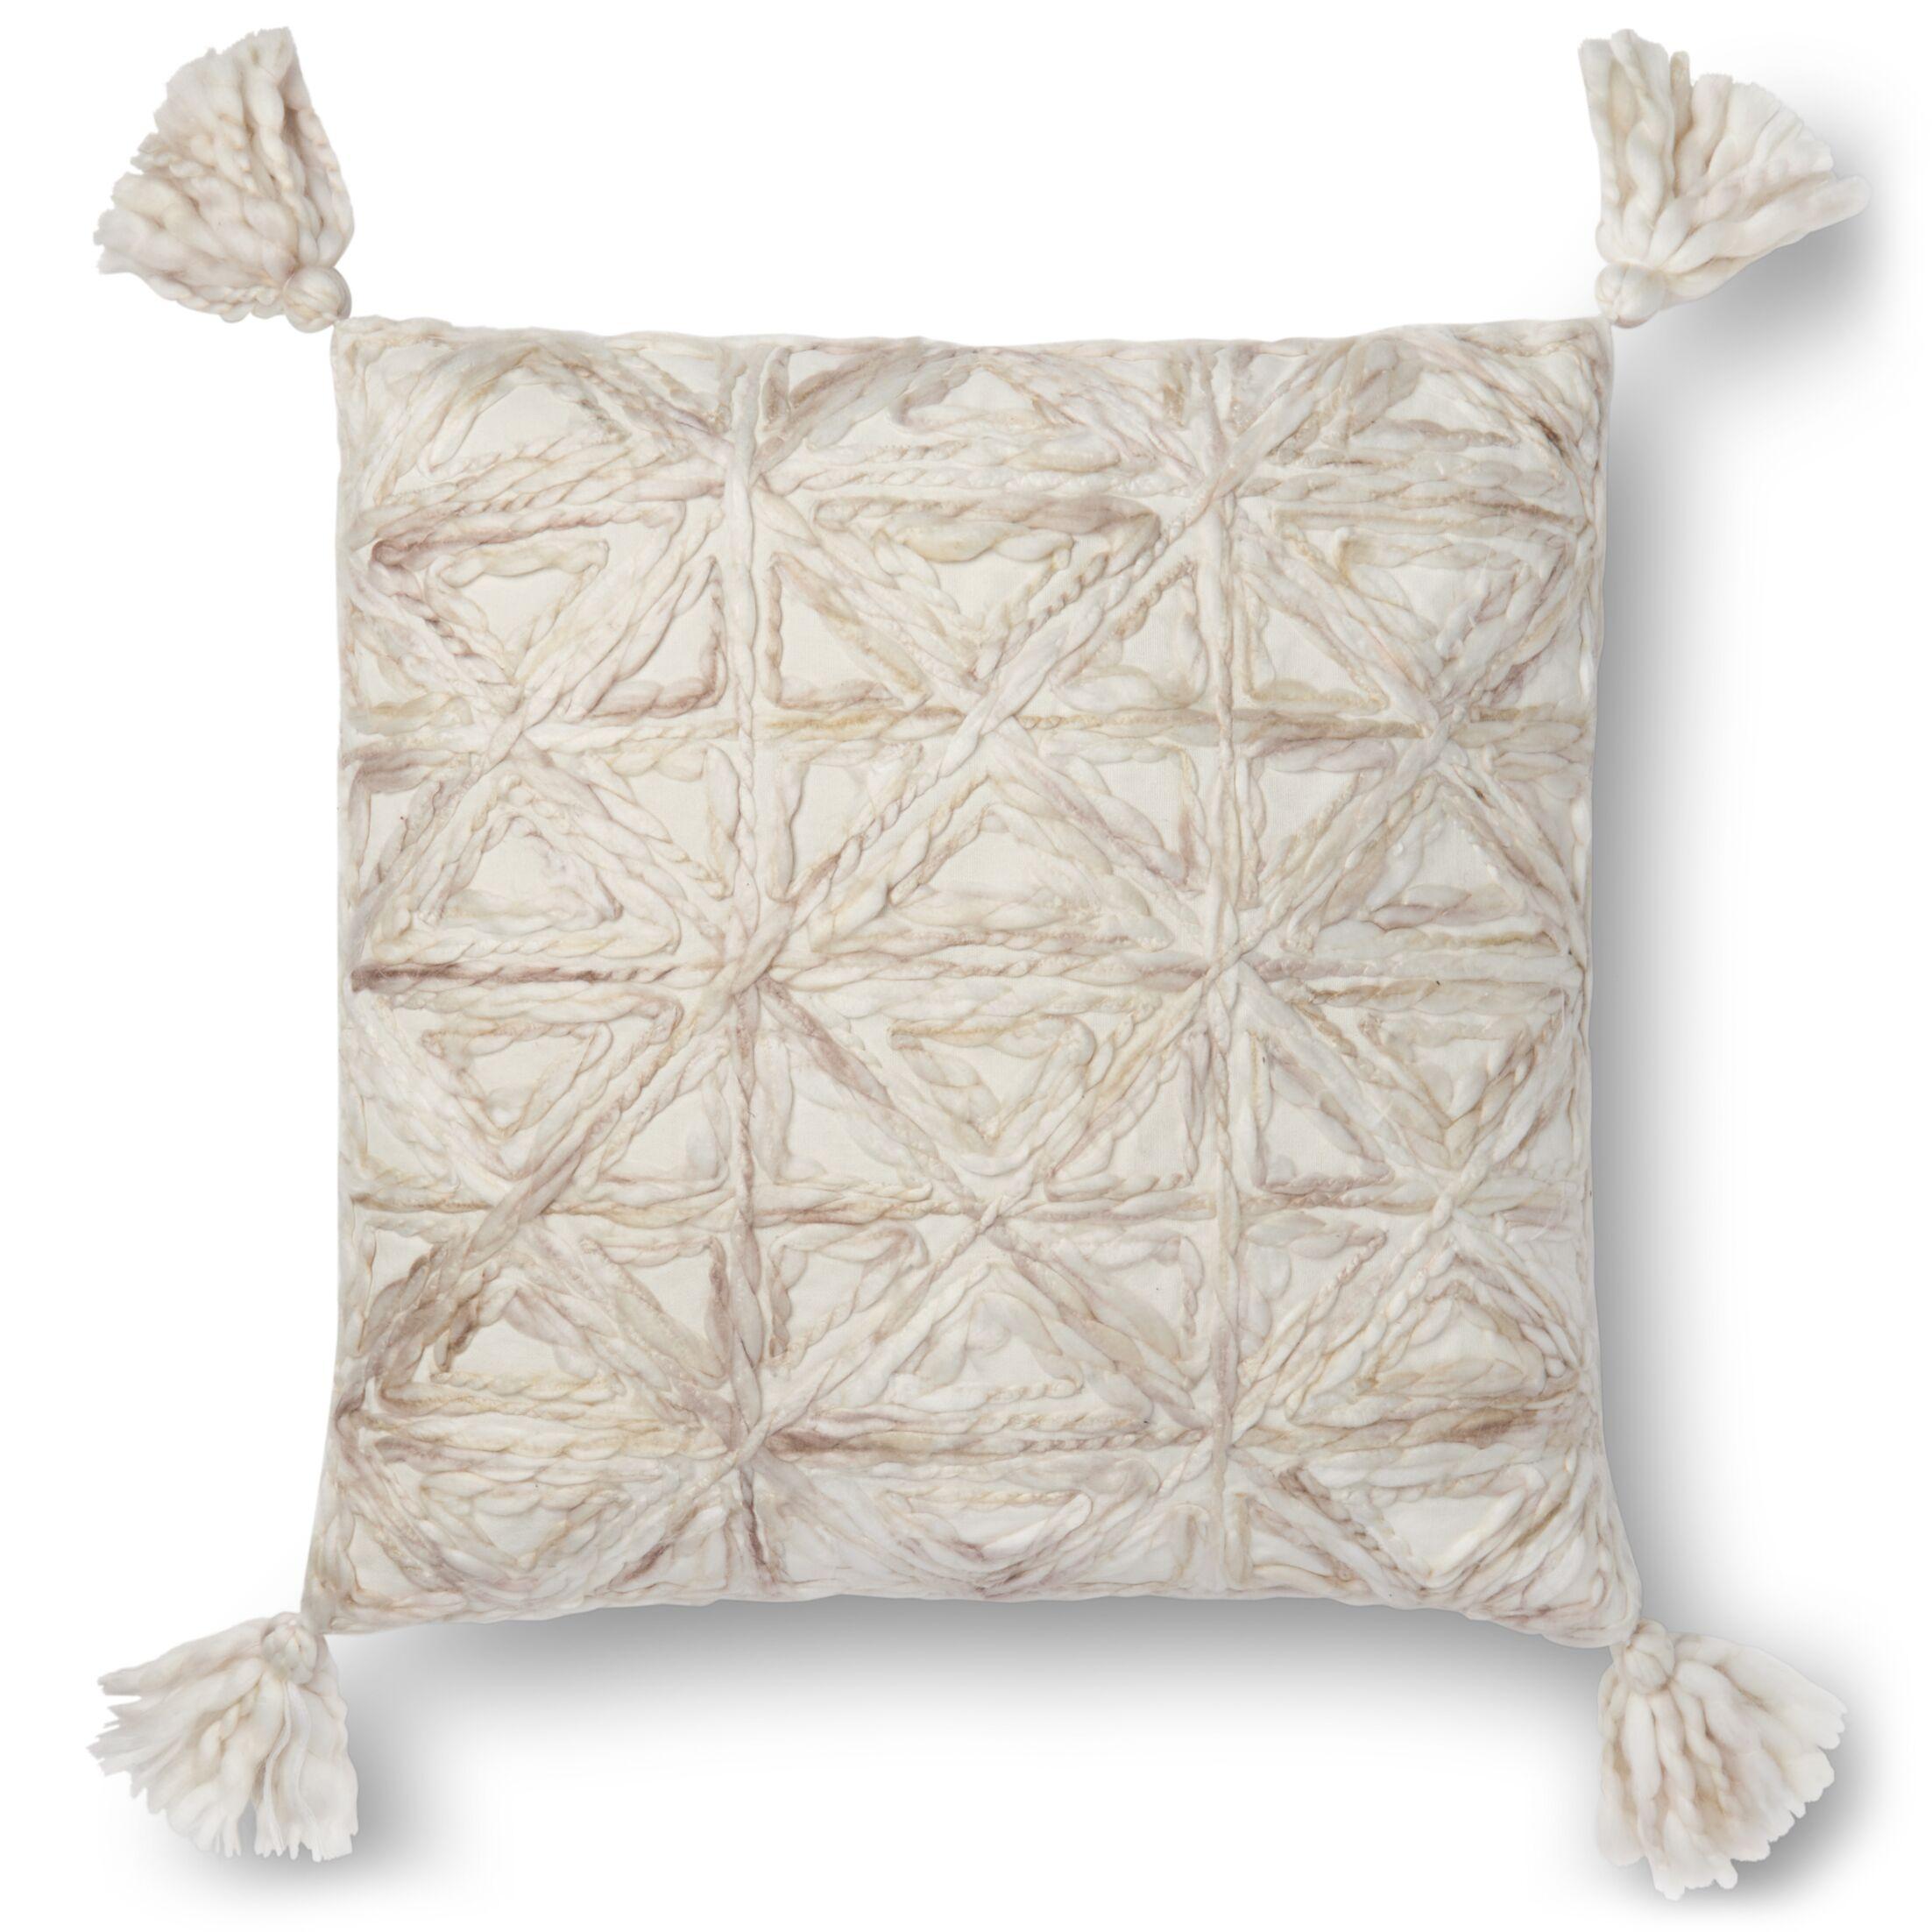 Ingram Throw Pillow Cover